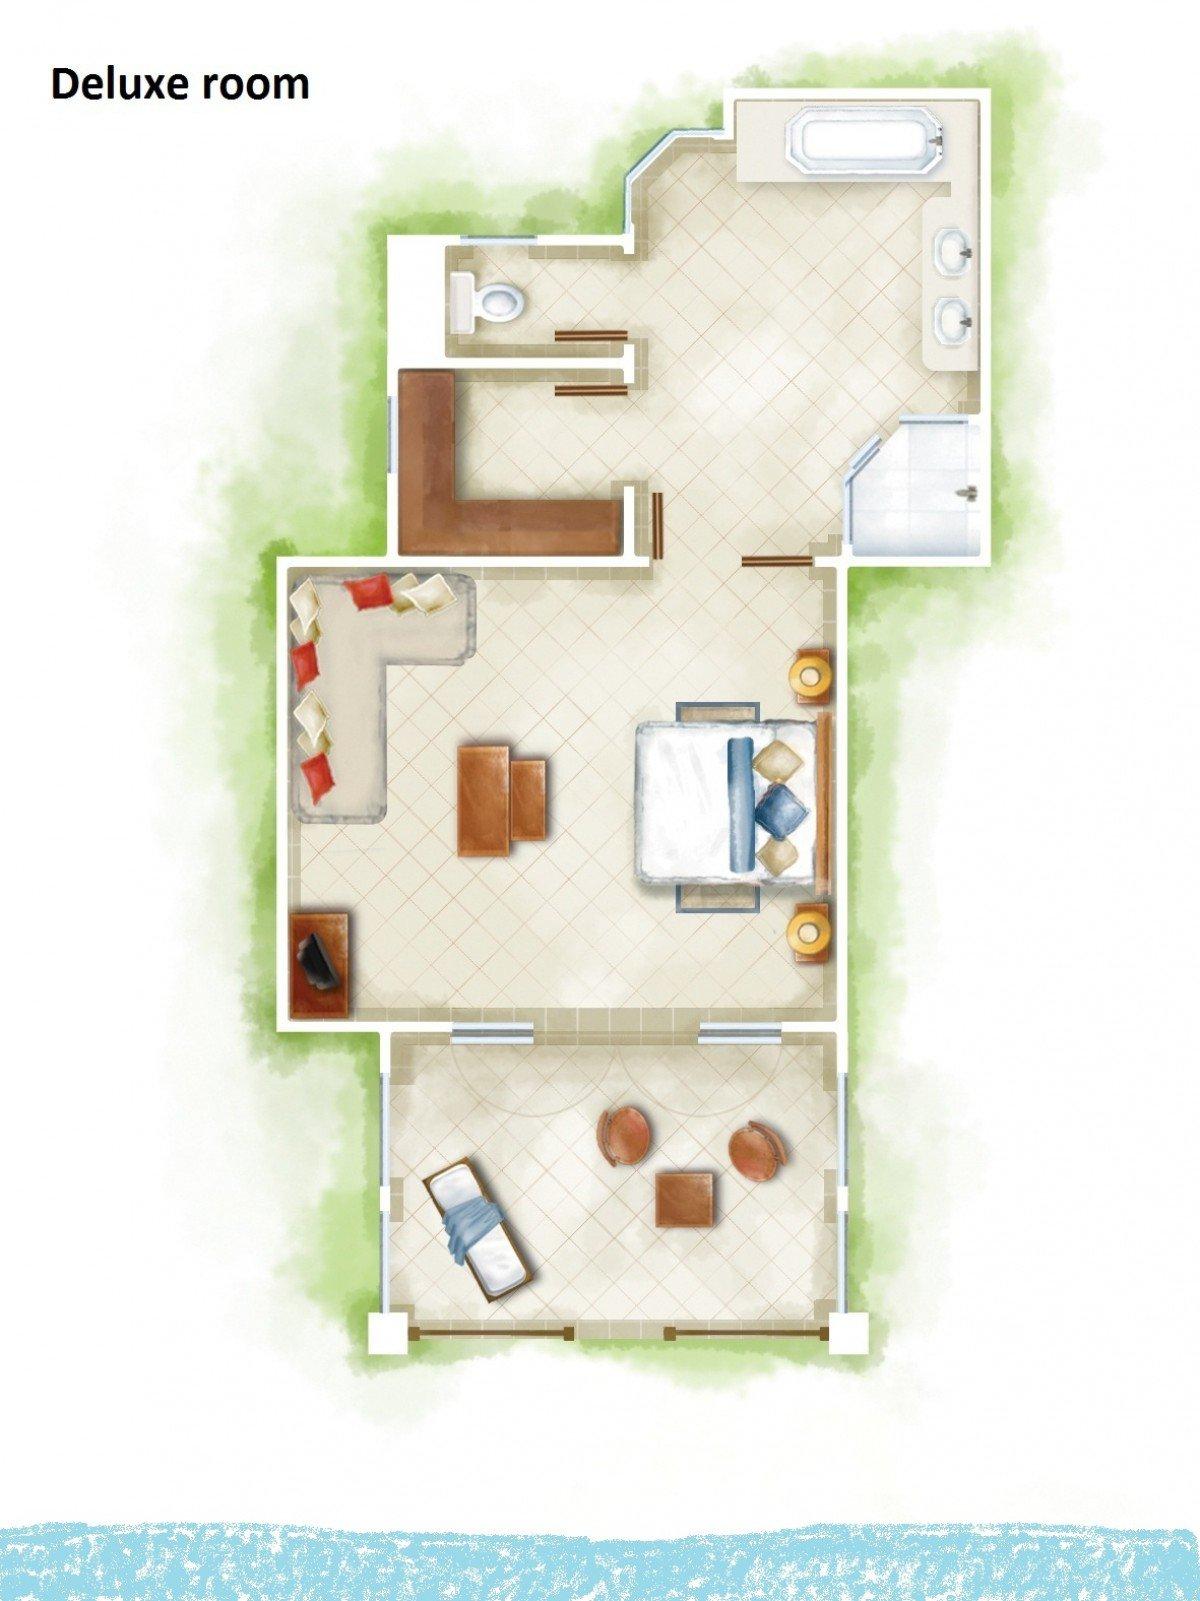 Deluxe Room (50 m²)